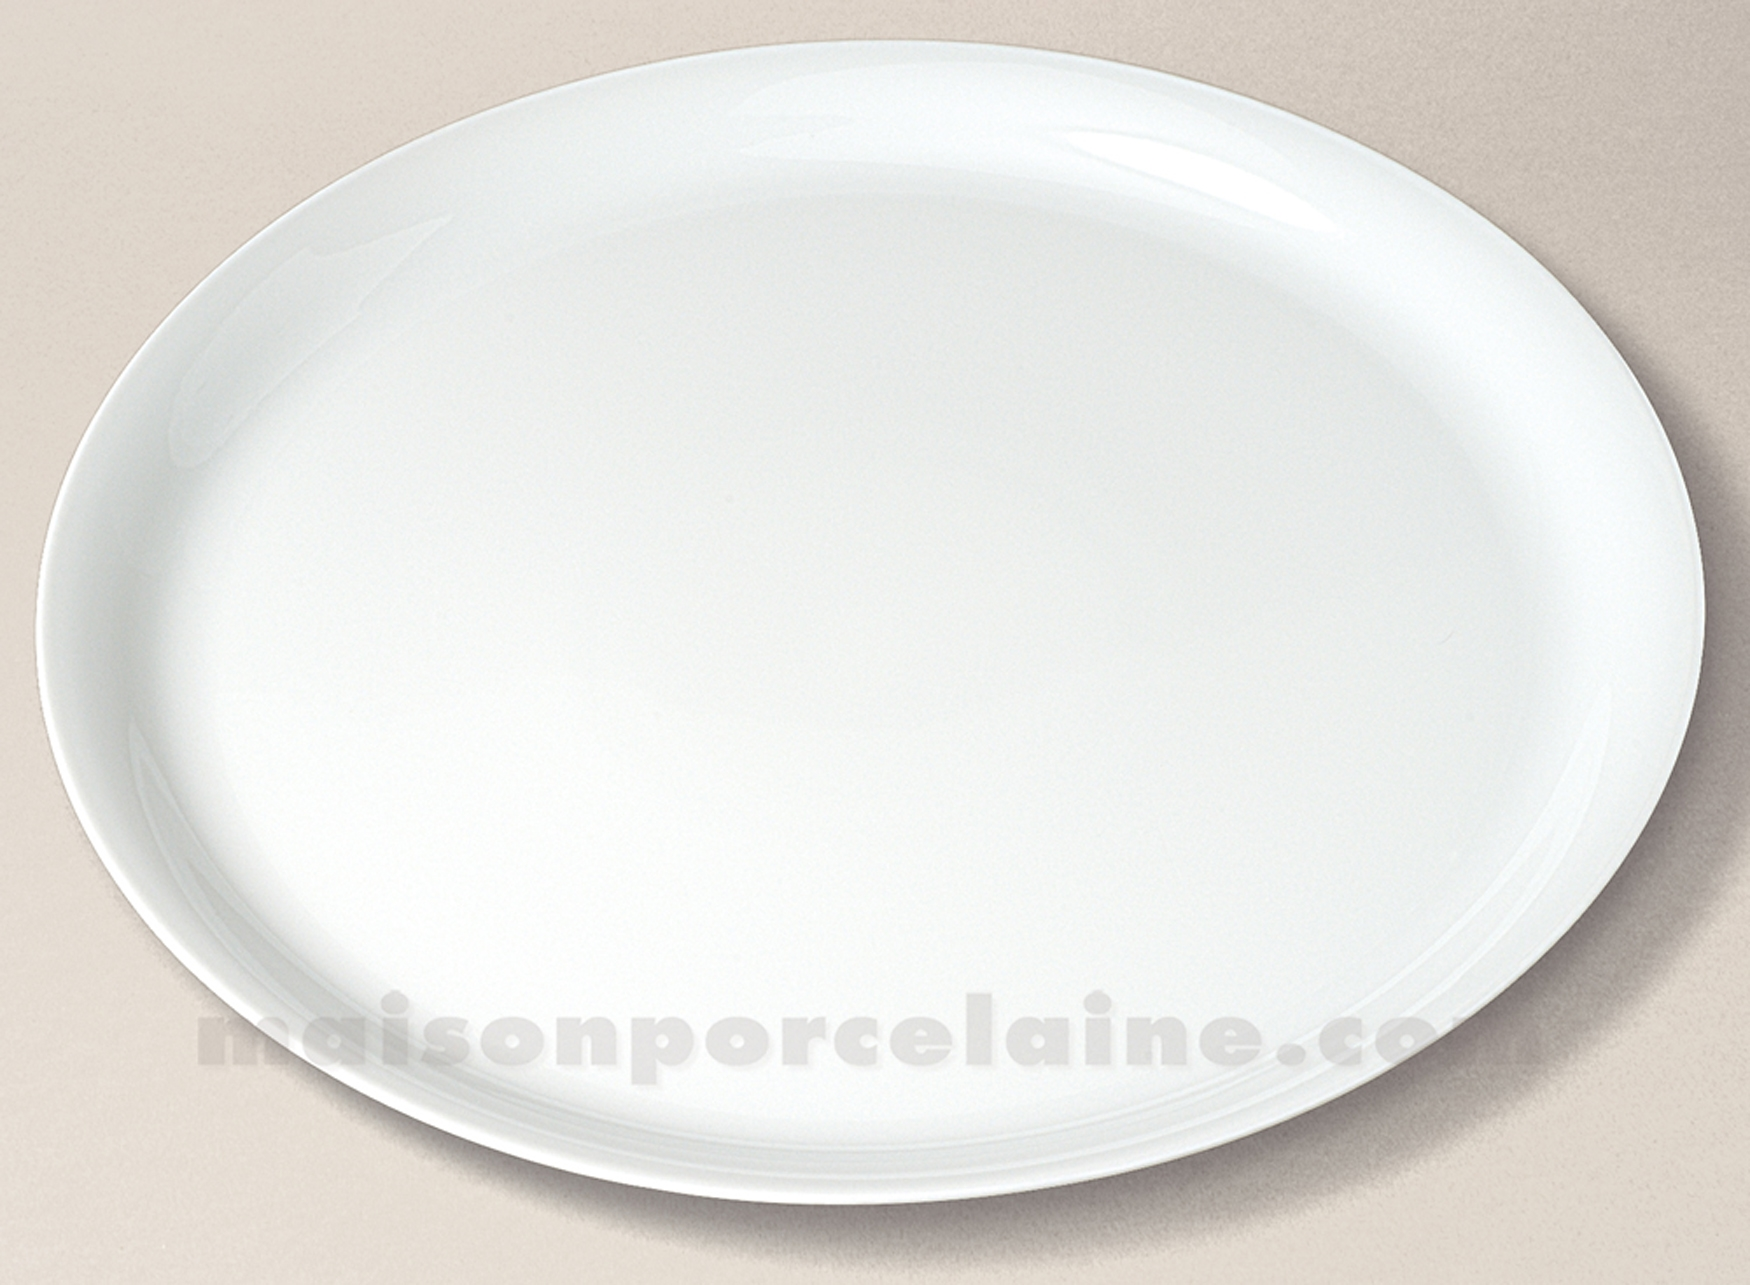 Plat tarte limoges porcelaine blanche haussmann d32 - La maison de porcelaine ...